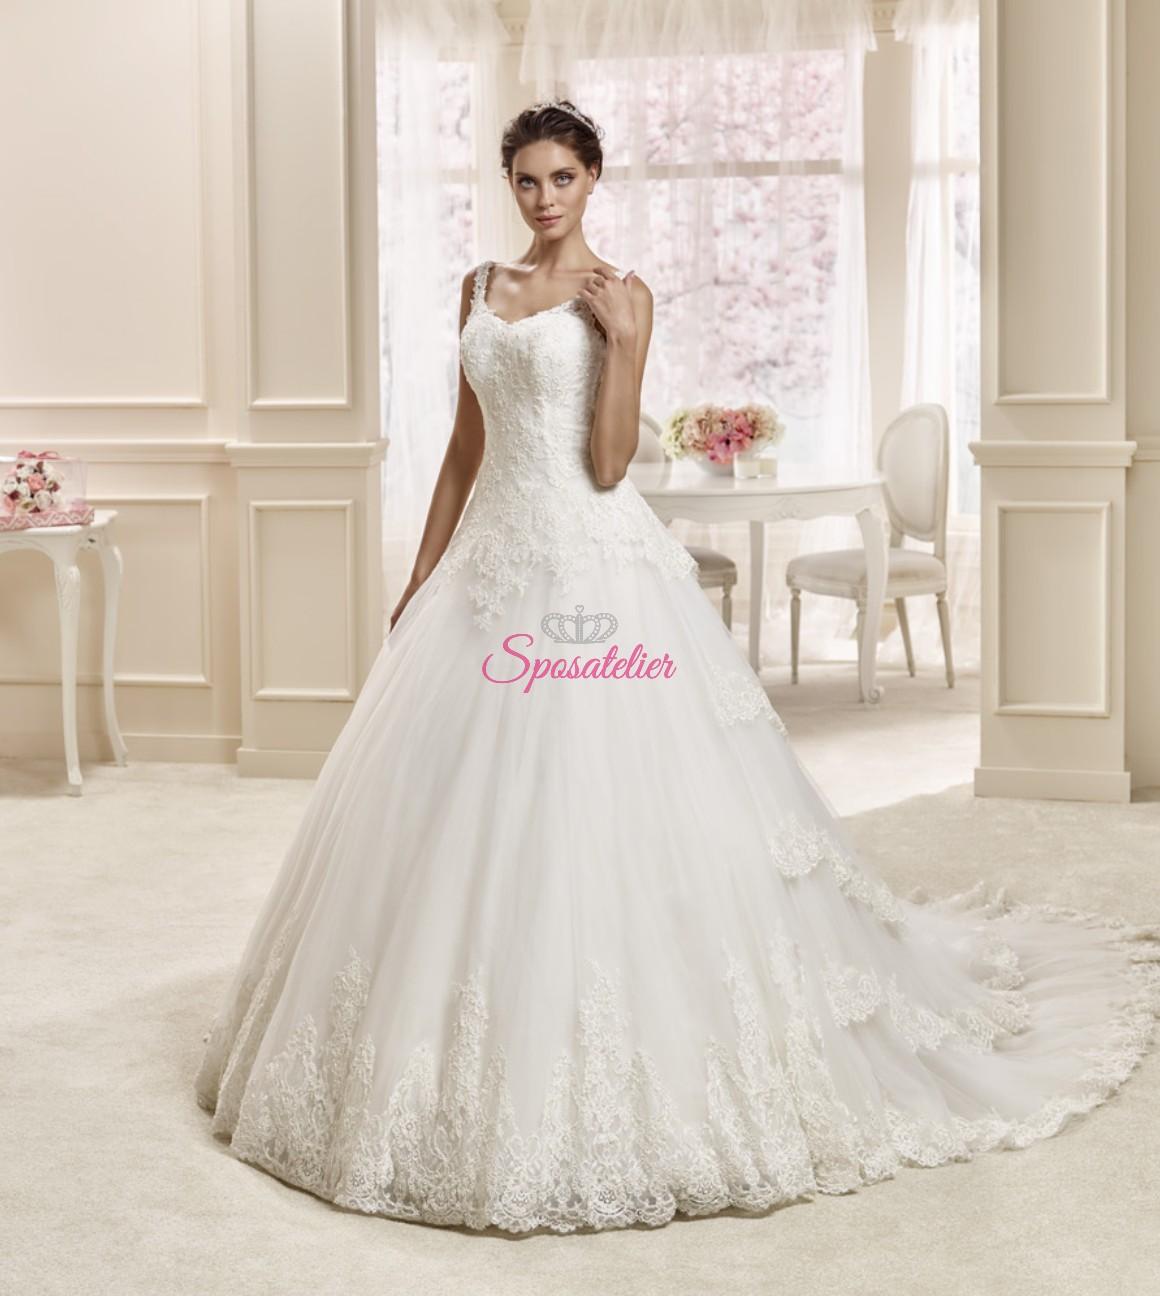 c0ad402f3c9c Lolyta-vendita abiti da sposa online Italia economici Sposatelier